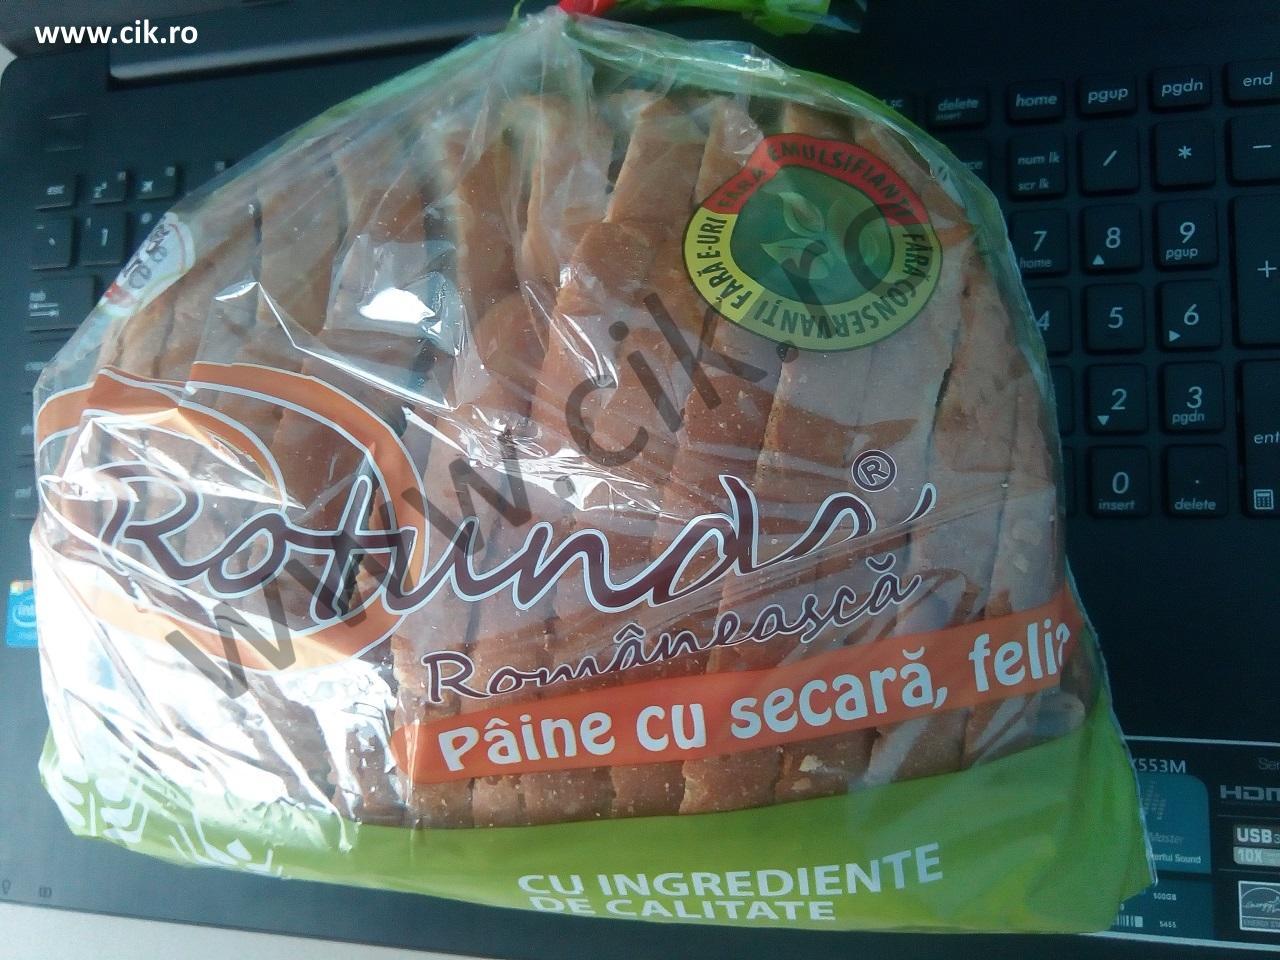 paine de calitate sa slabesti fibre